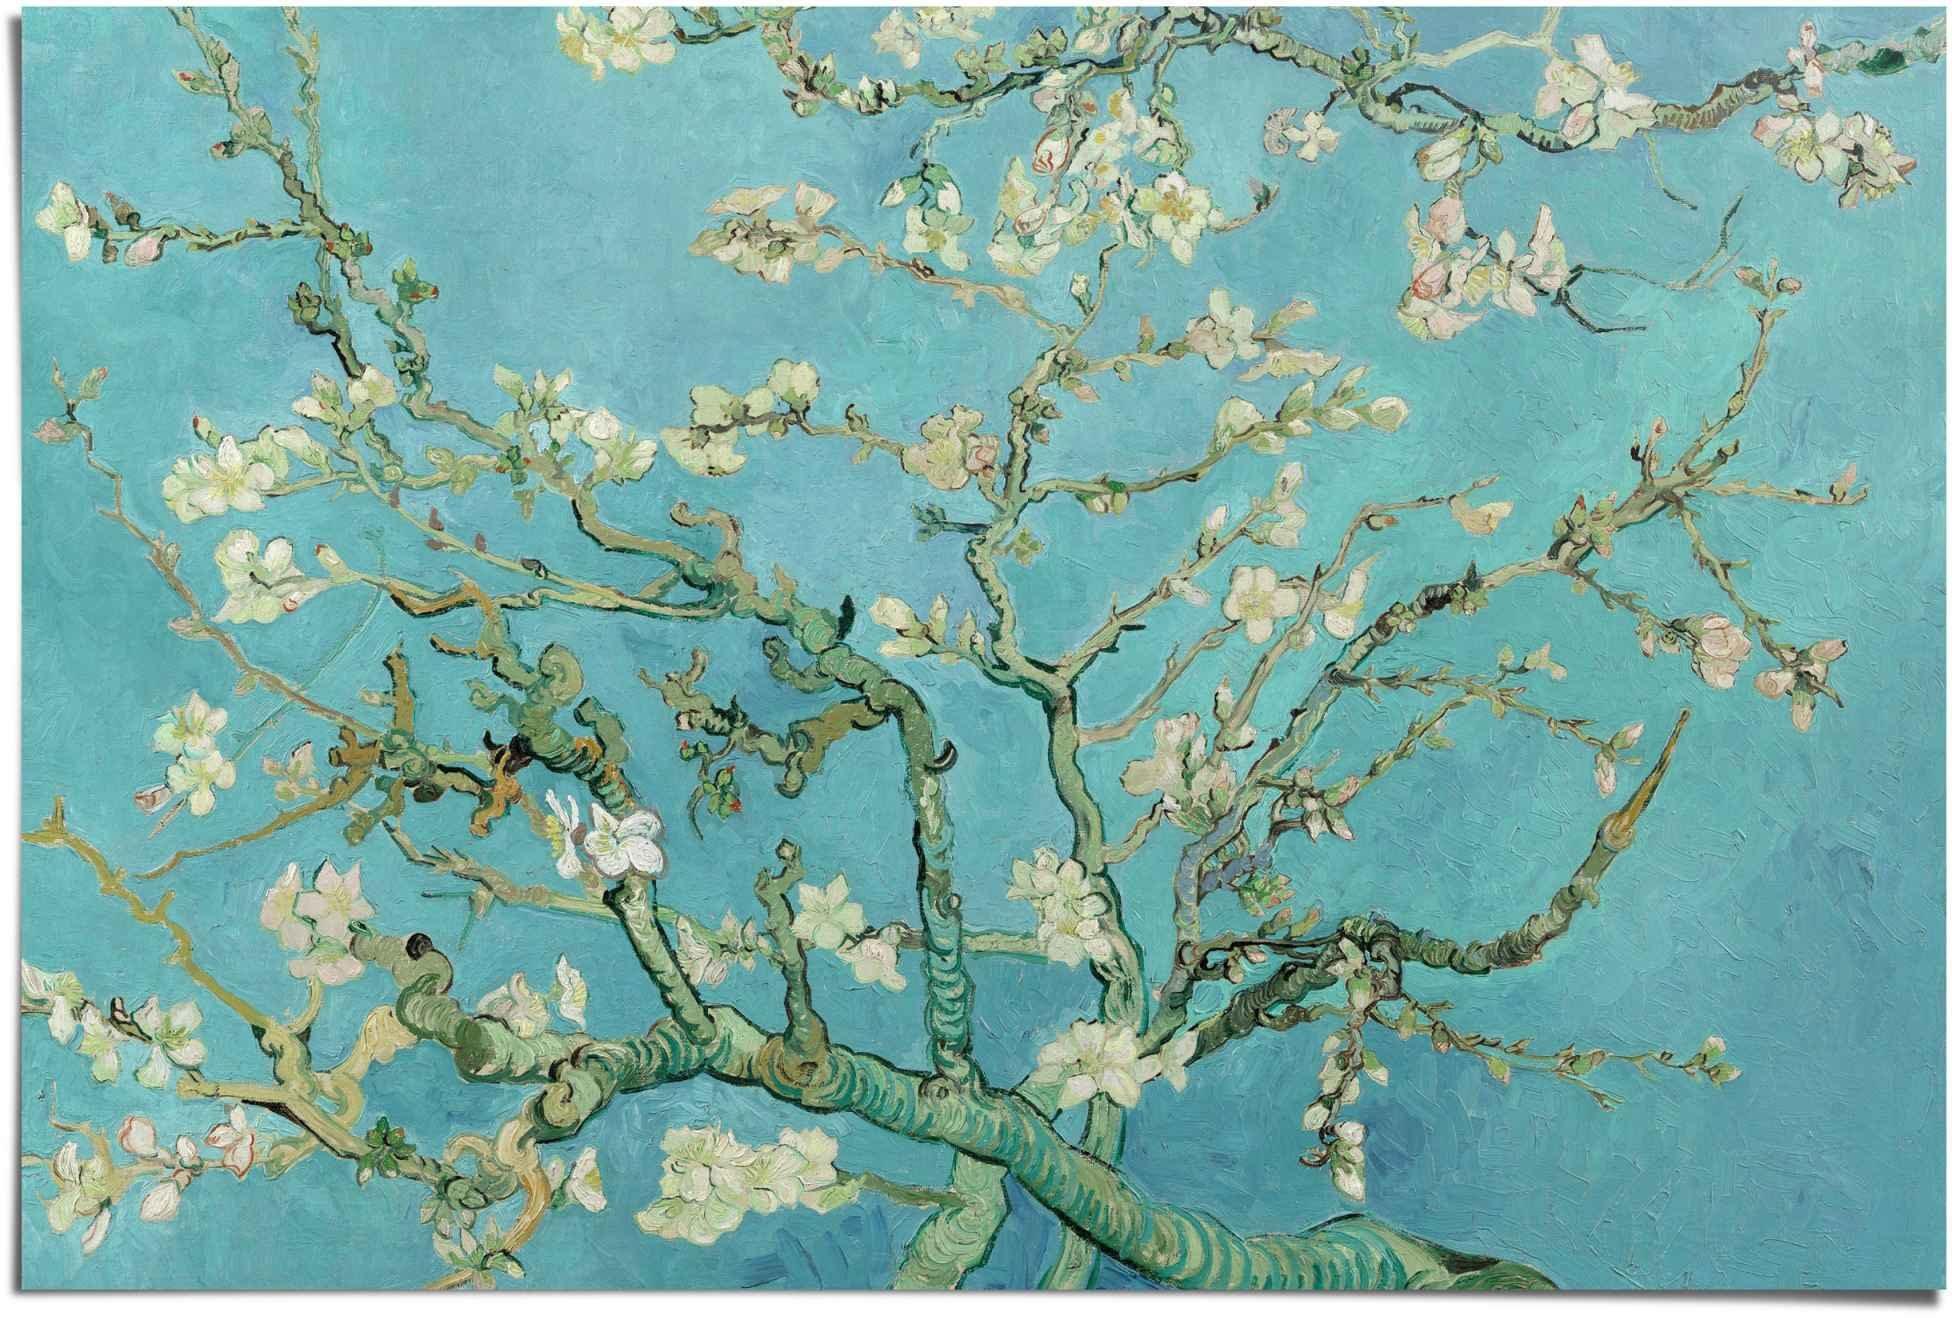 Reinders! poster amandelbloesem Vincent van Gogh - oude meester - beroemde schilderij, bloemen (1 stuk) - verschillende betaalmethodes